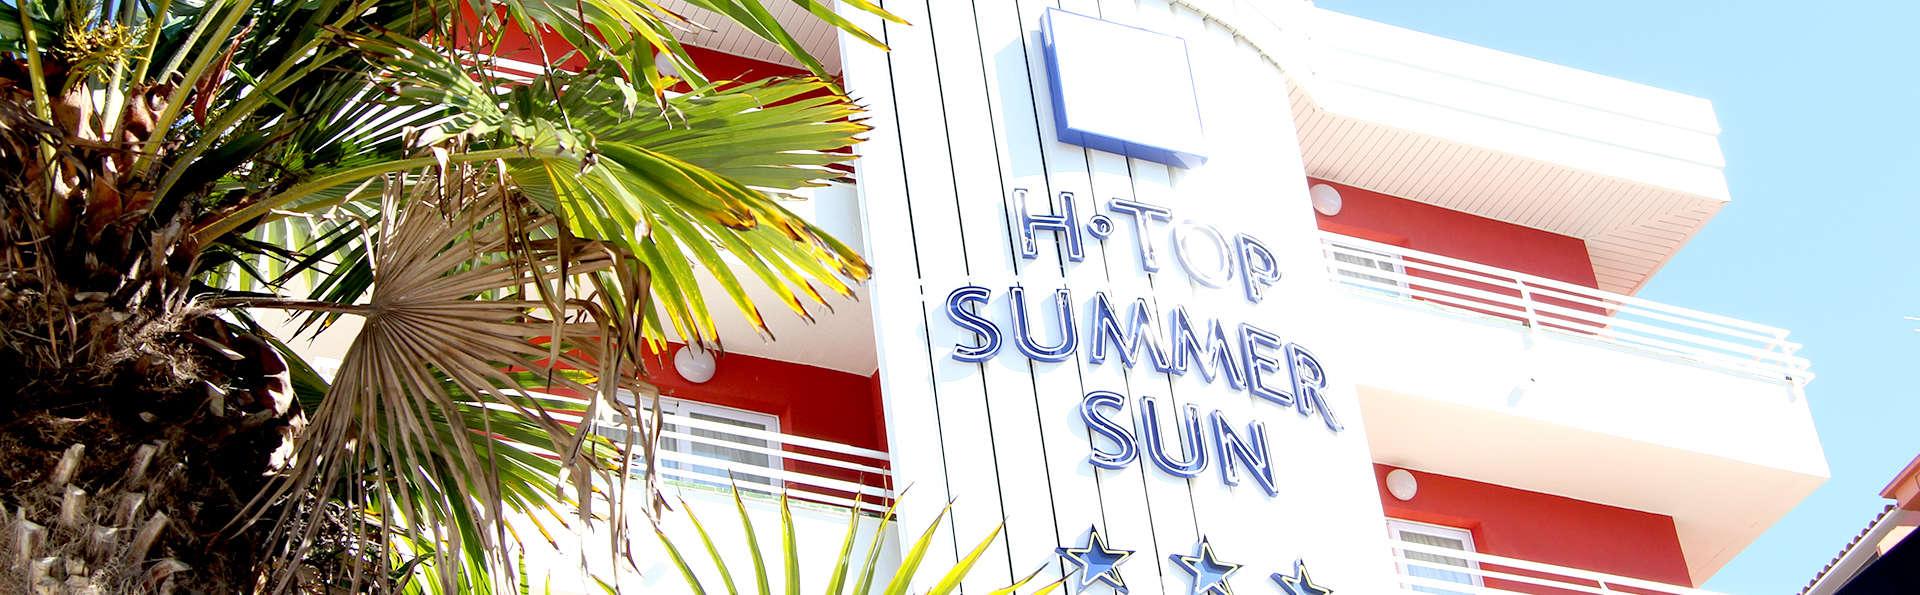 H Top Summer Sun - Edit_Front2.jpg